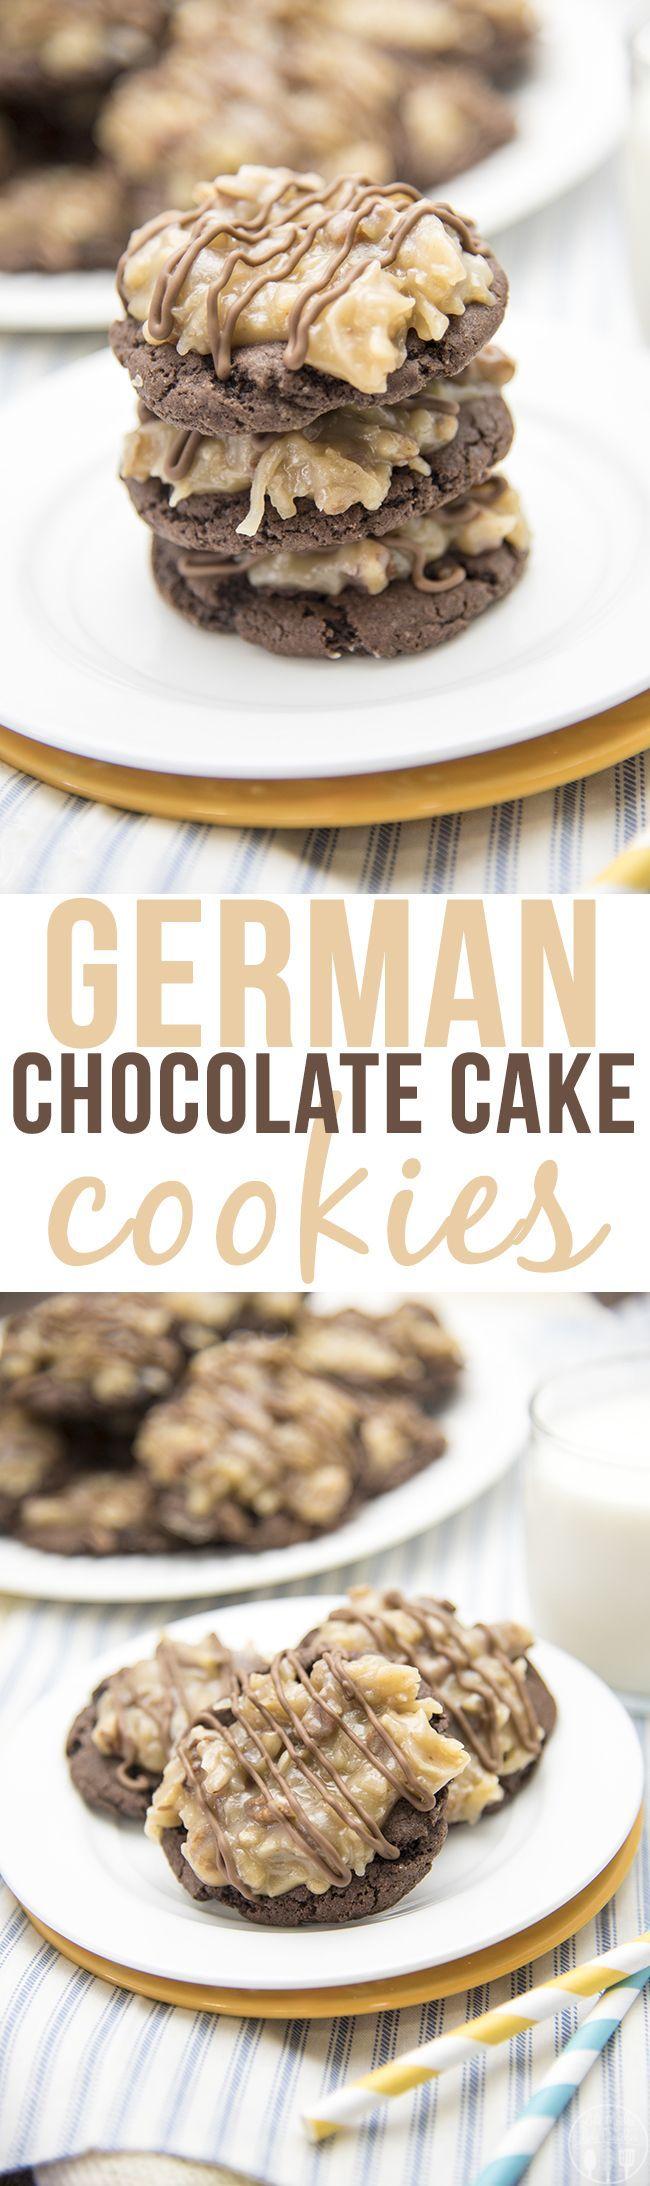 Truvia German Chocolate Cake